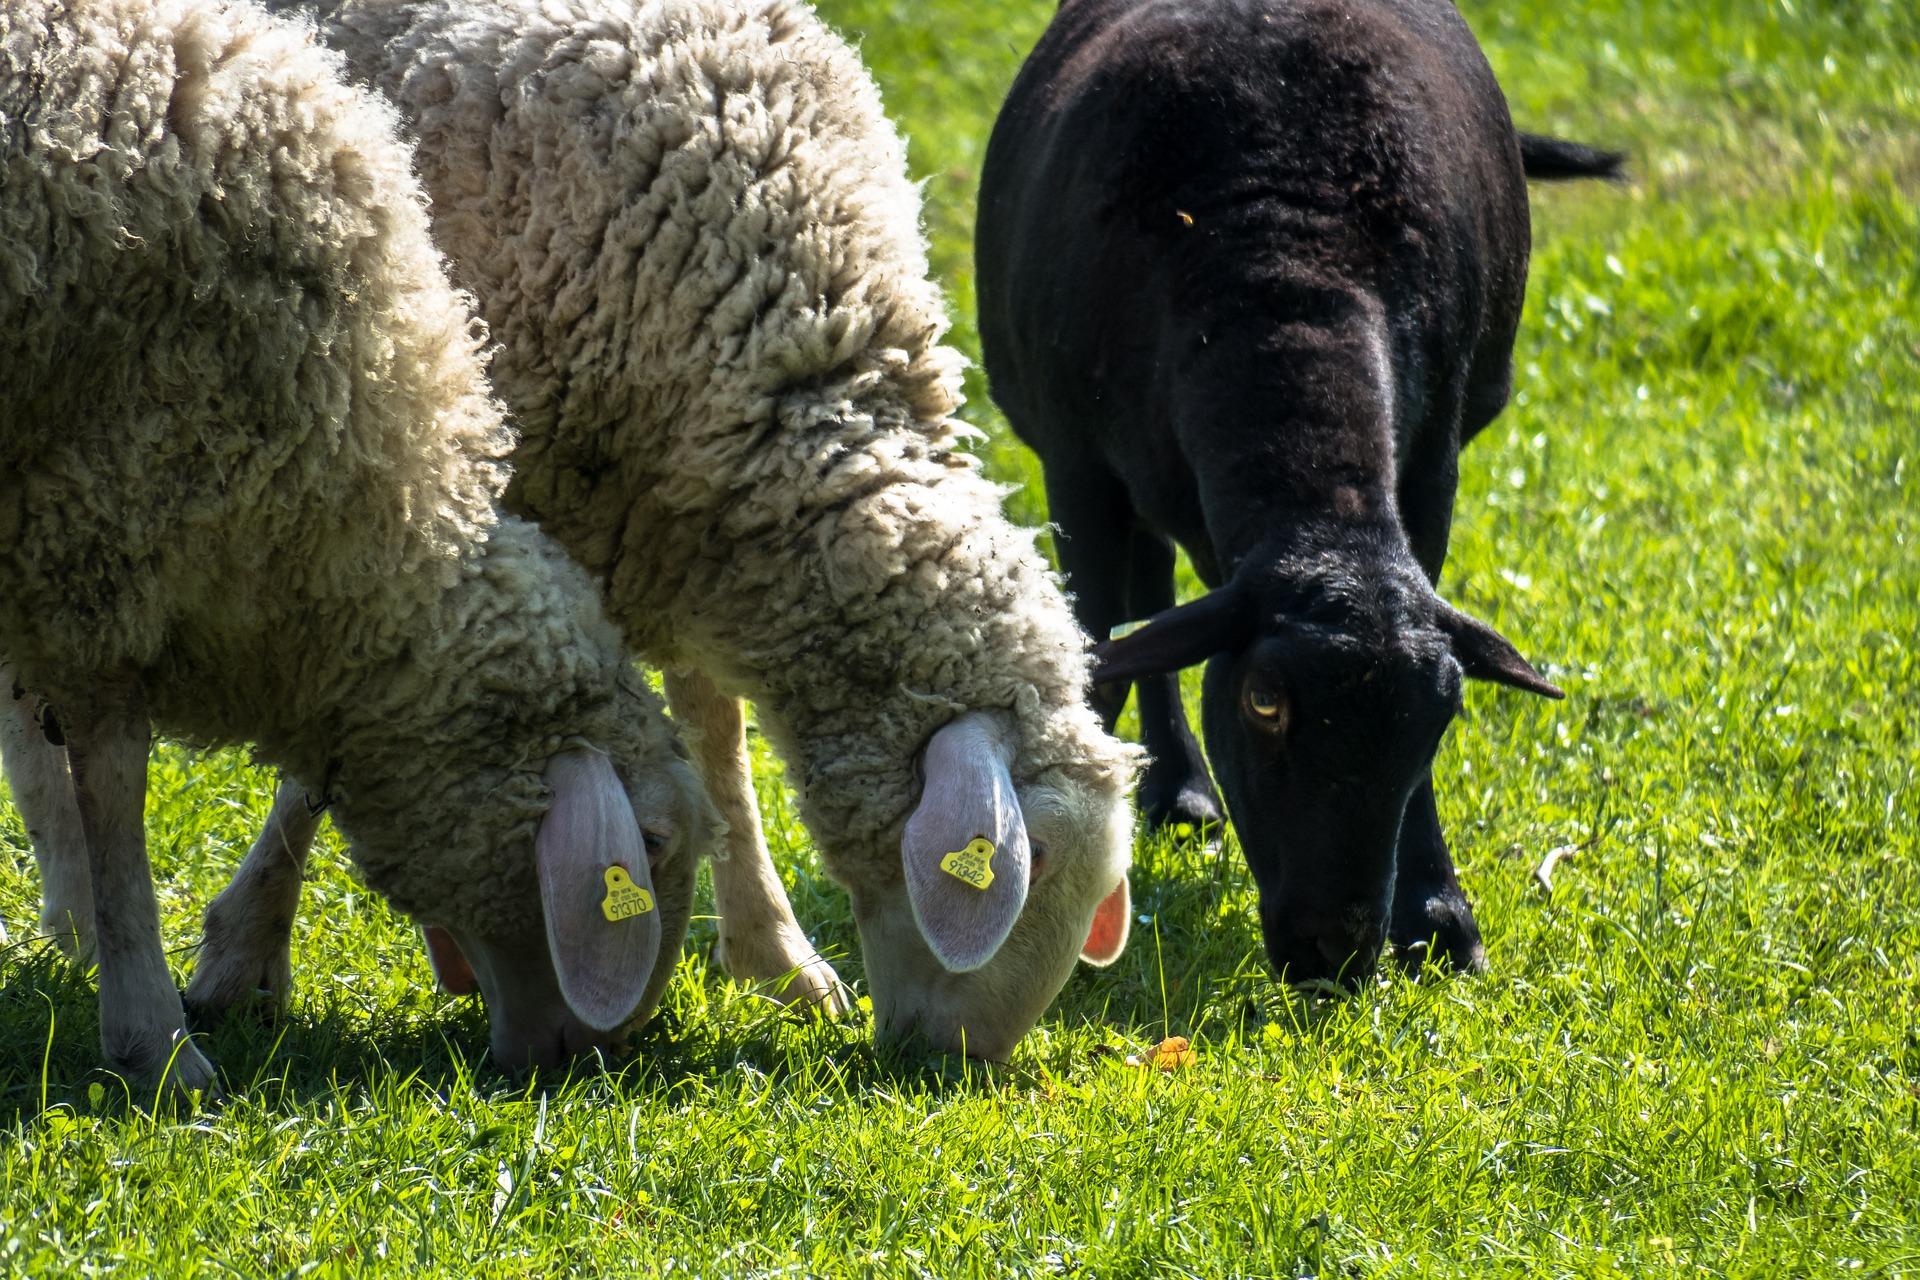 un mouton noir parmi les moutons blancs